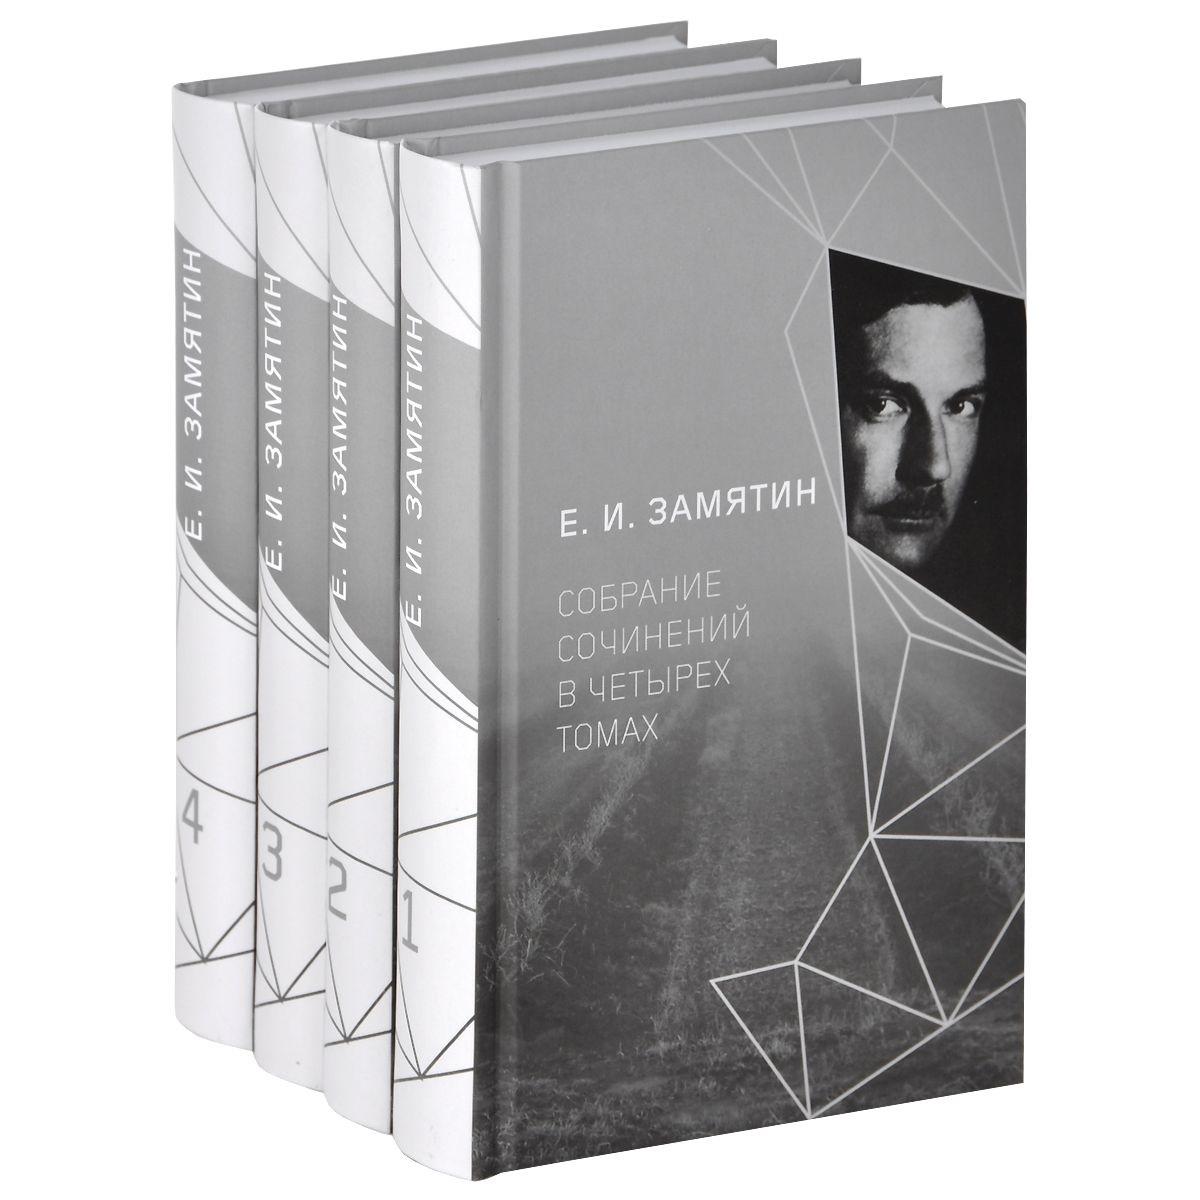 Е. И. Замятин. Собрание сочинений. В четырех томах (комплект из 4 книг)